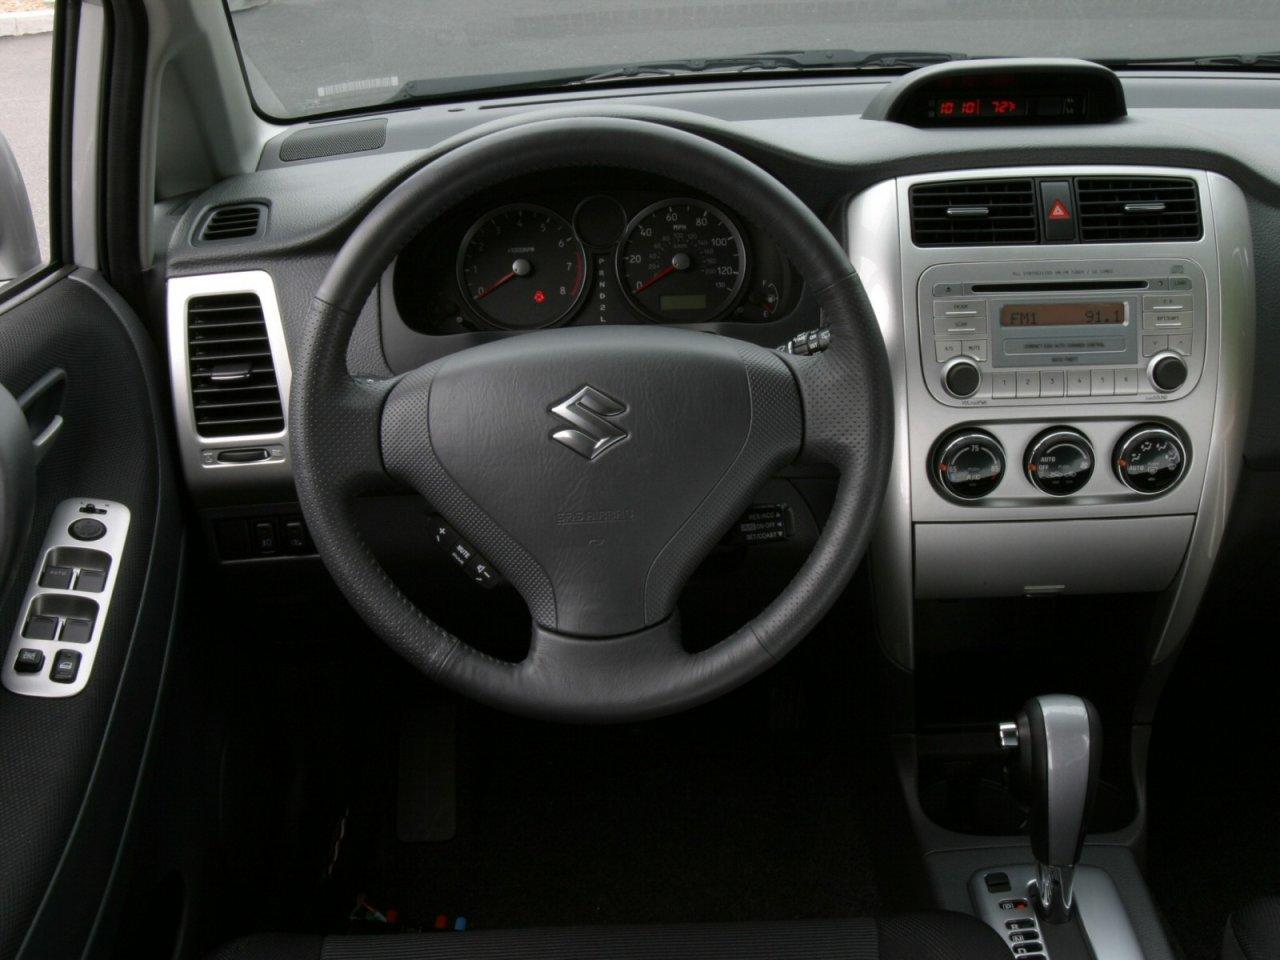 Скачать картинку бесплатно Suzuki, Grand Vitara 3d, авто, машины